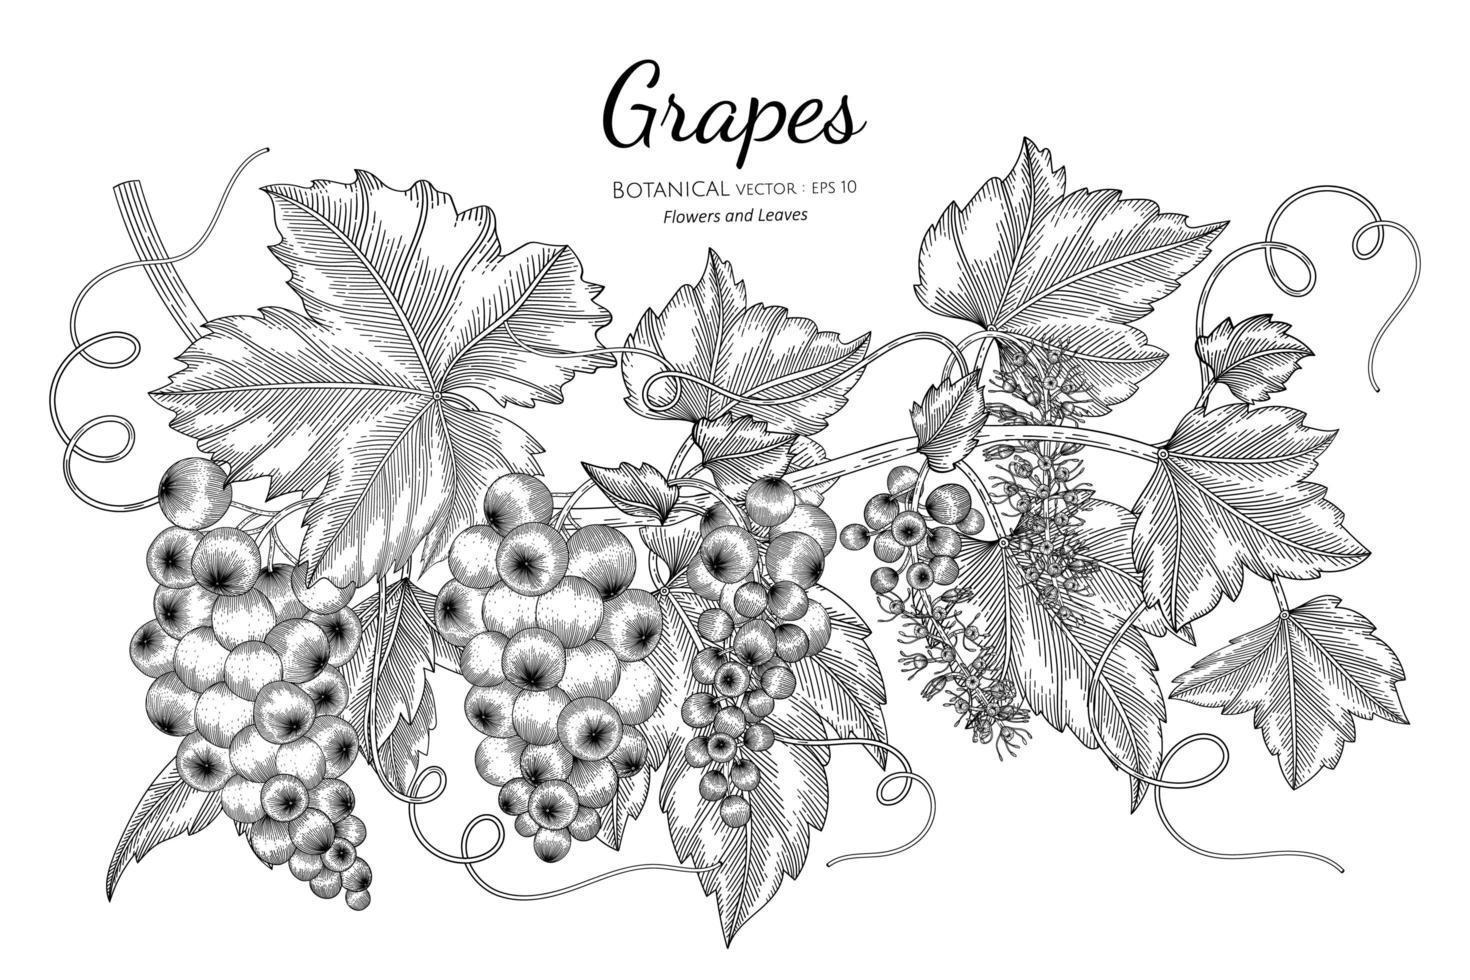 uvas frutas desenhadas à mão ilustração botânica com arte em fundo branco vetor